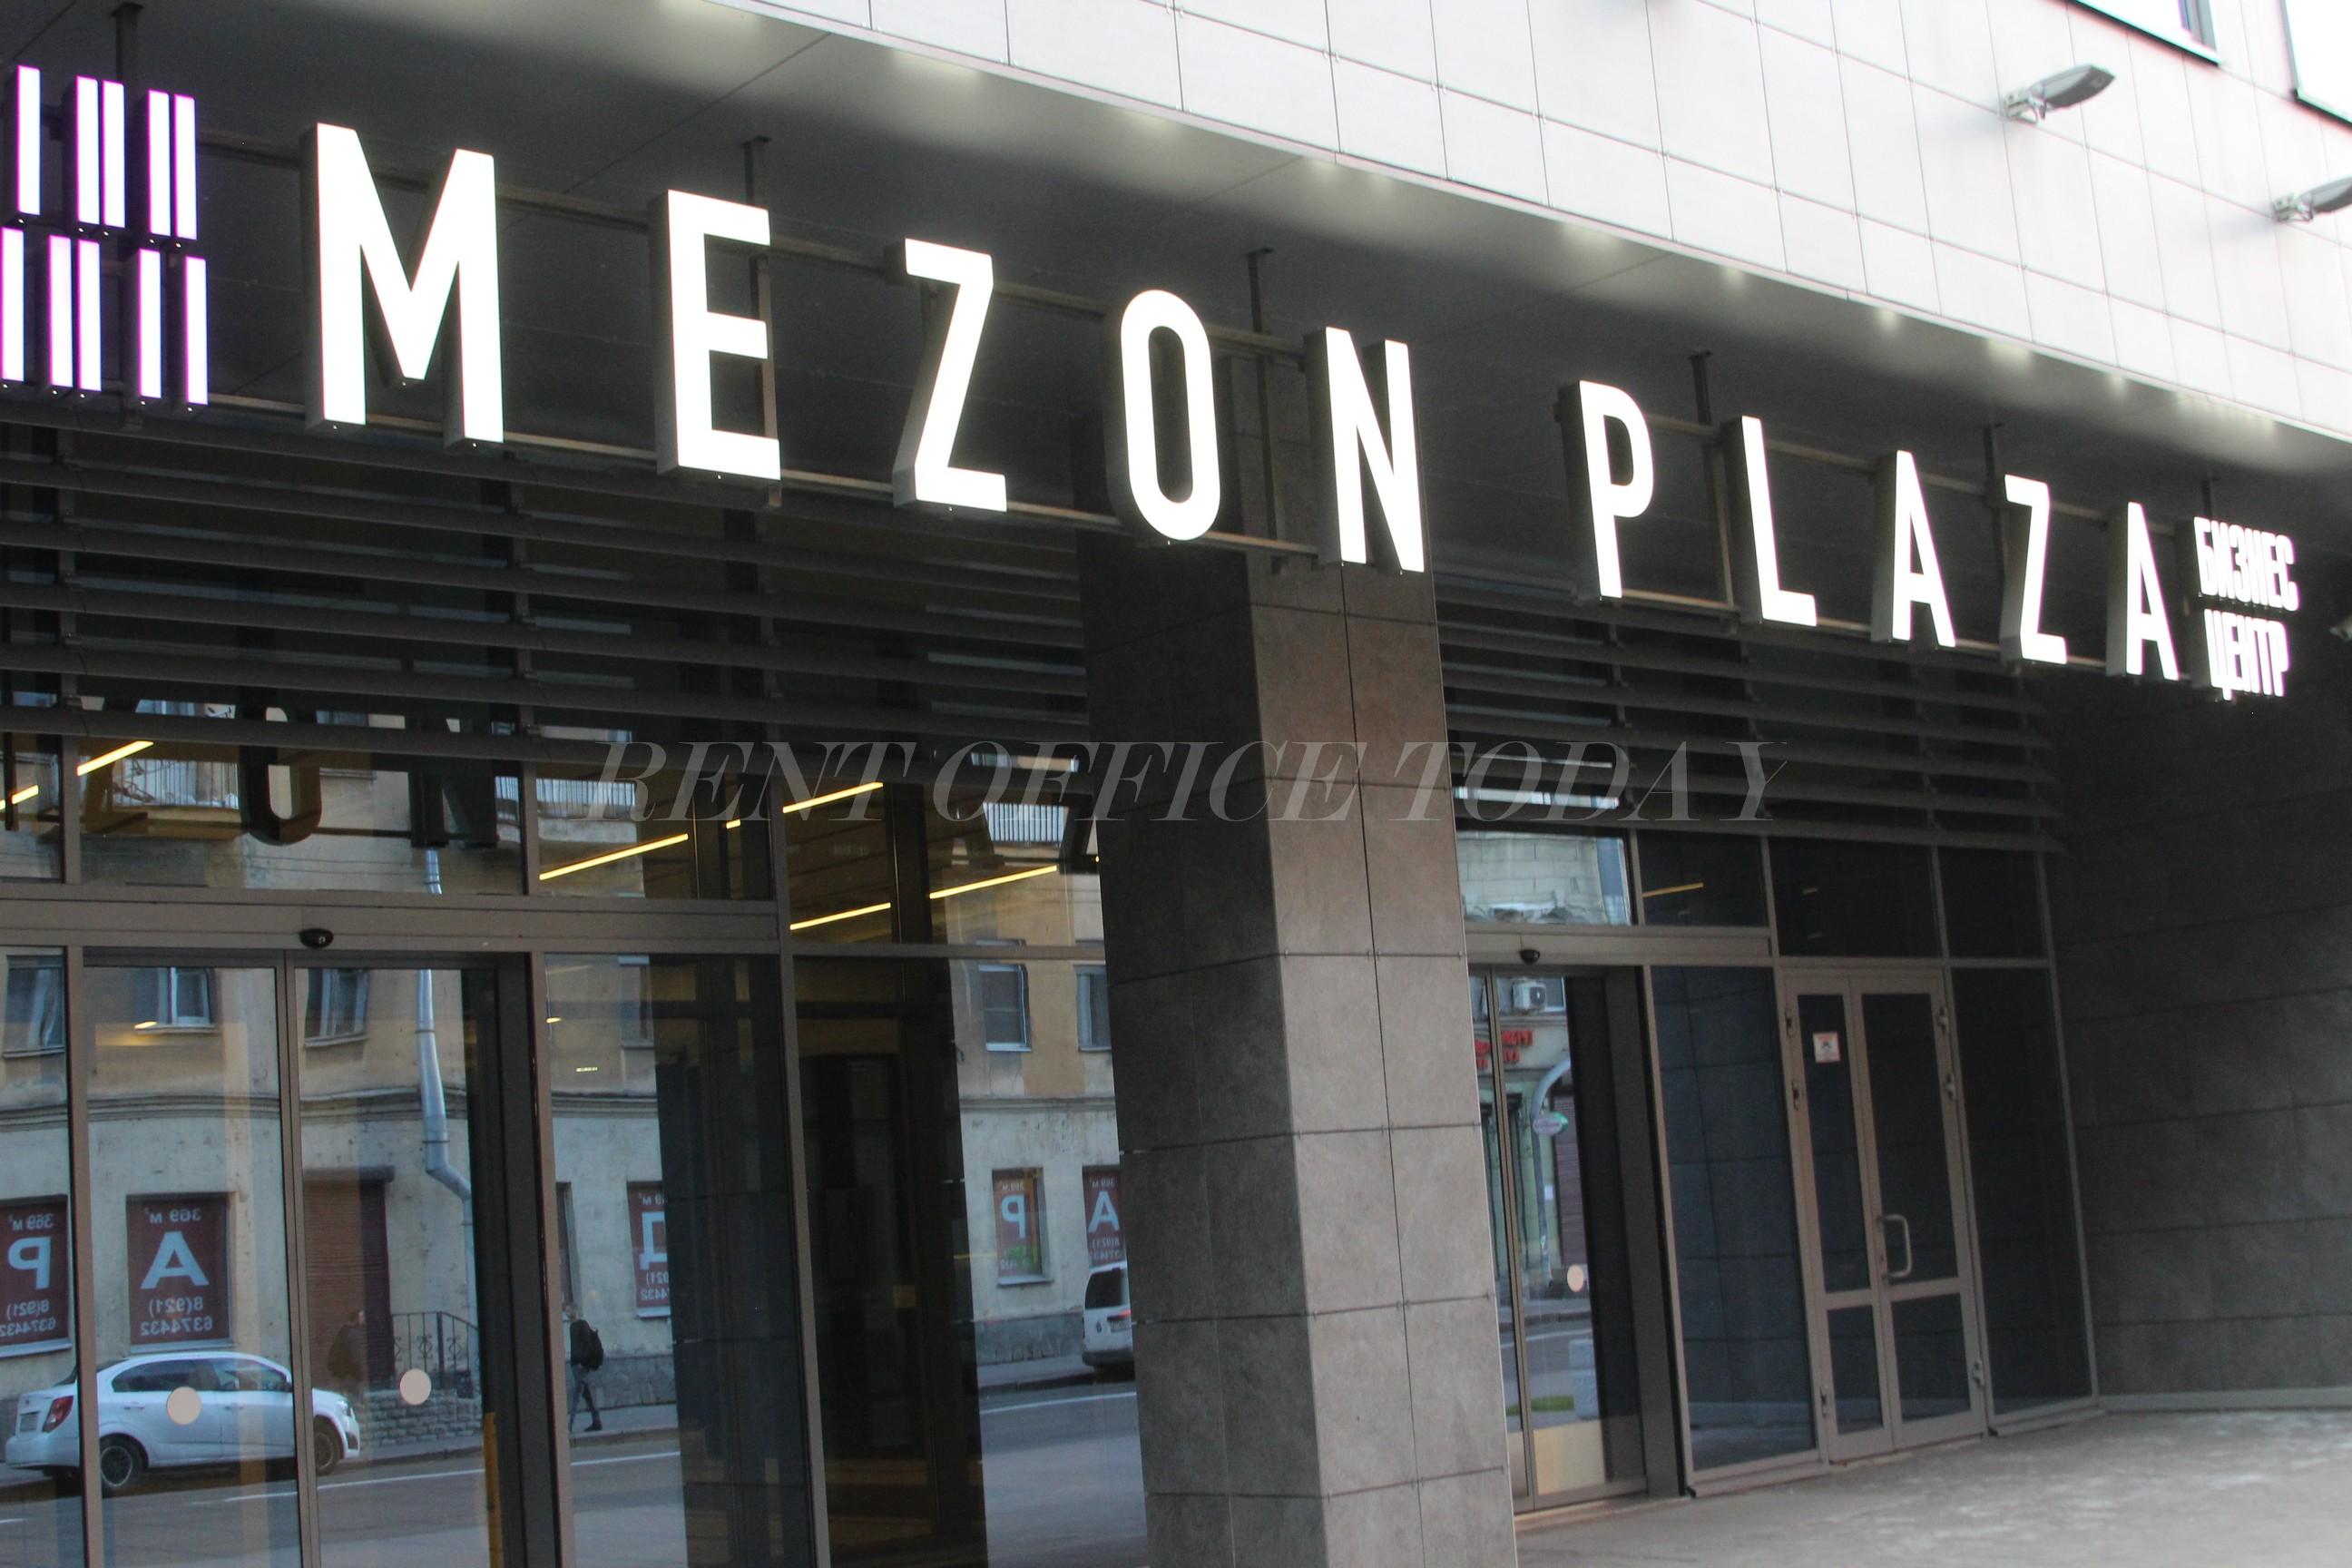 Mezon-Plaza-15